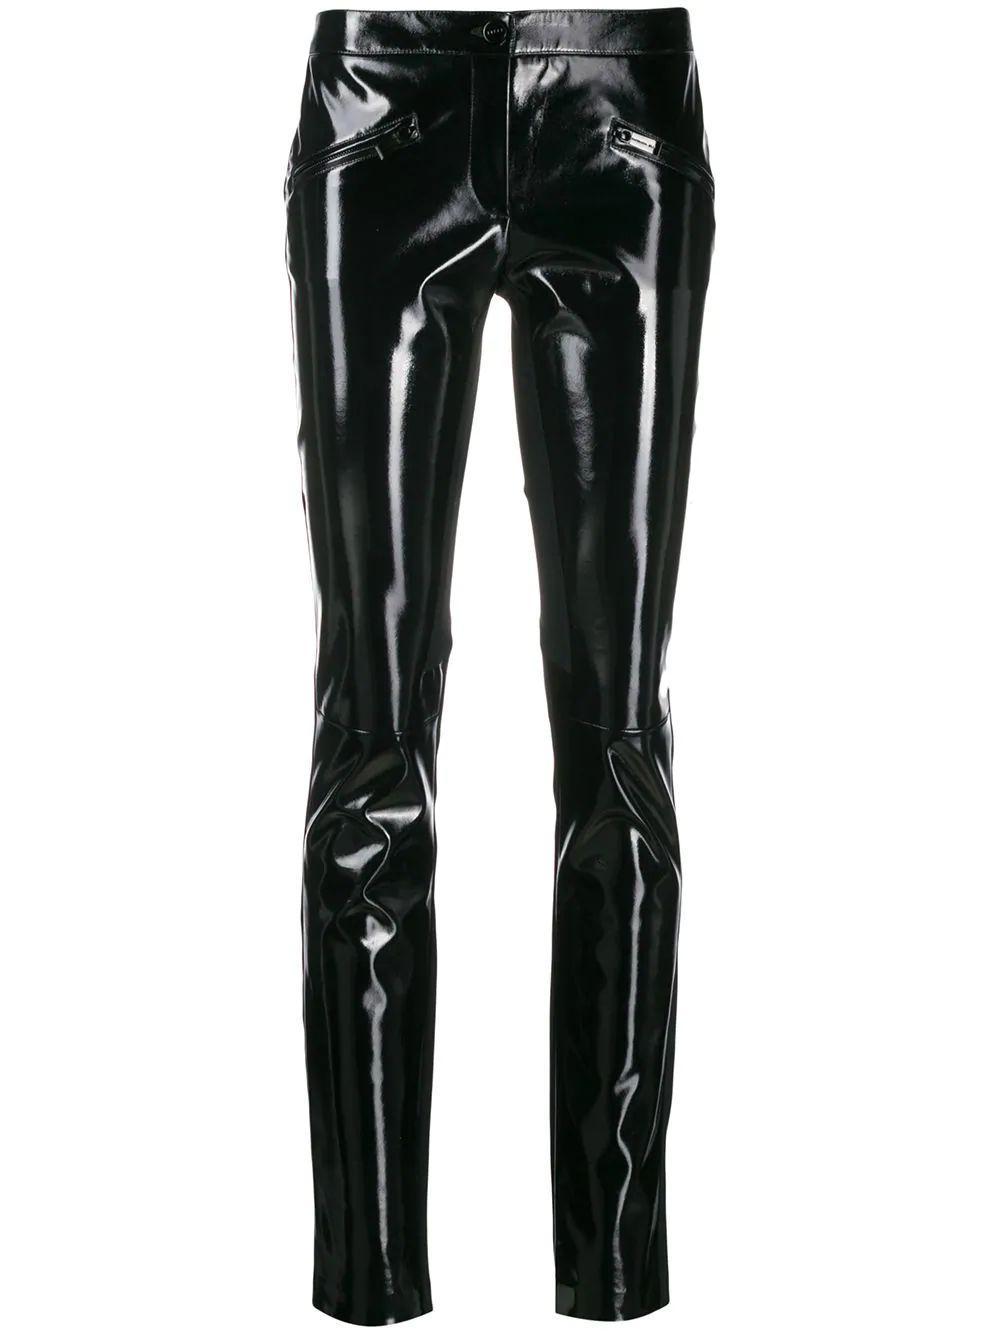 Patent Front Skinny Legging Pant Item # U1630-KPD